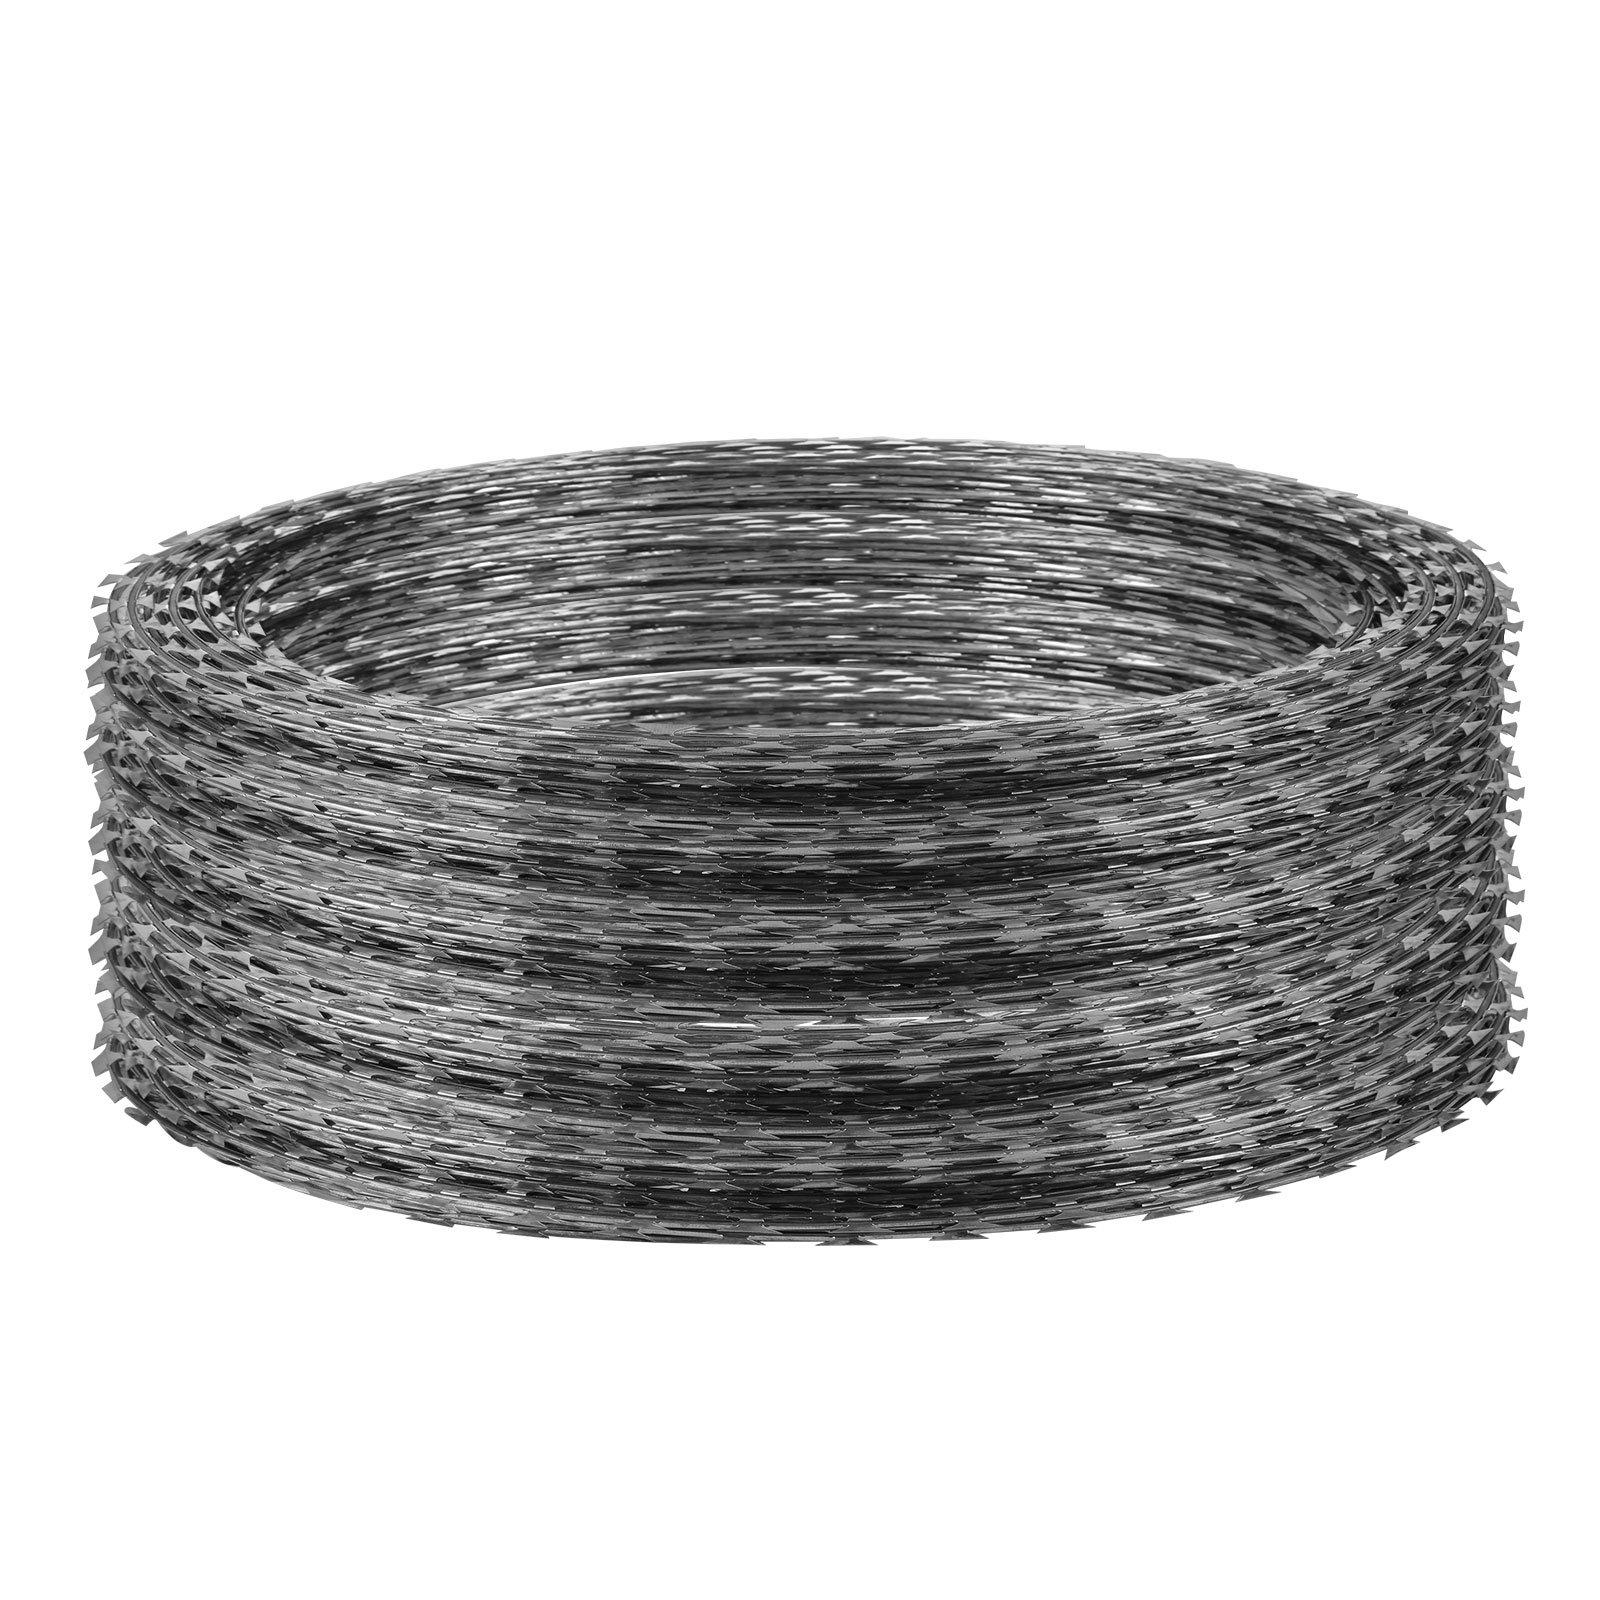 OrangeA Razor Wire Galvanized Barbed Wire Razor Ribbon Barbed Wire 18'' 250 Feet 5 Coils Per Roll (5 coils) by OrangeA